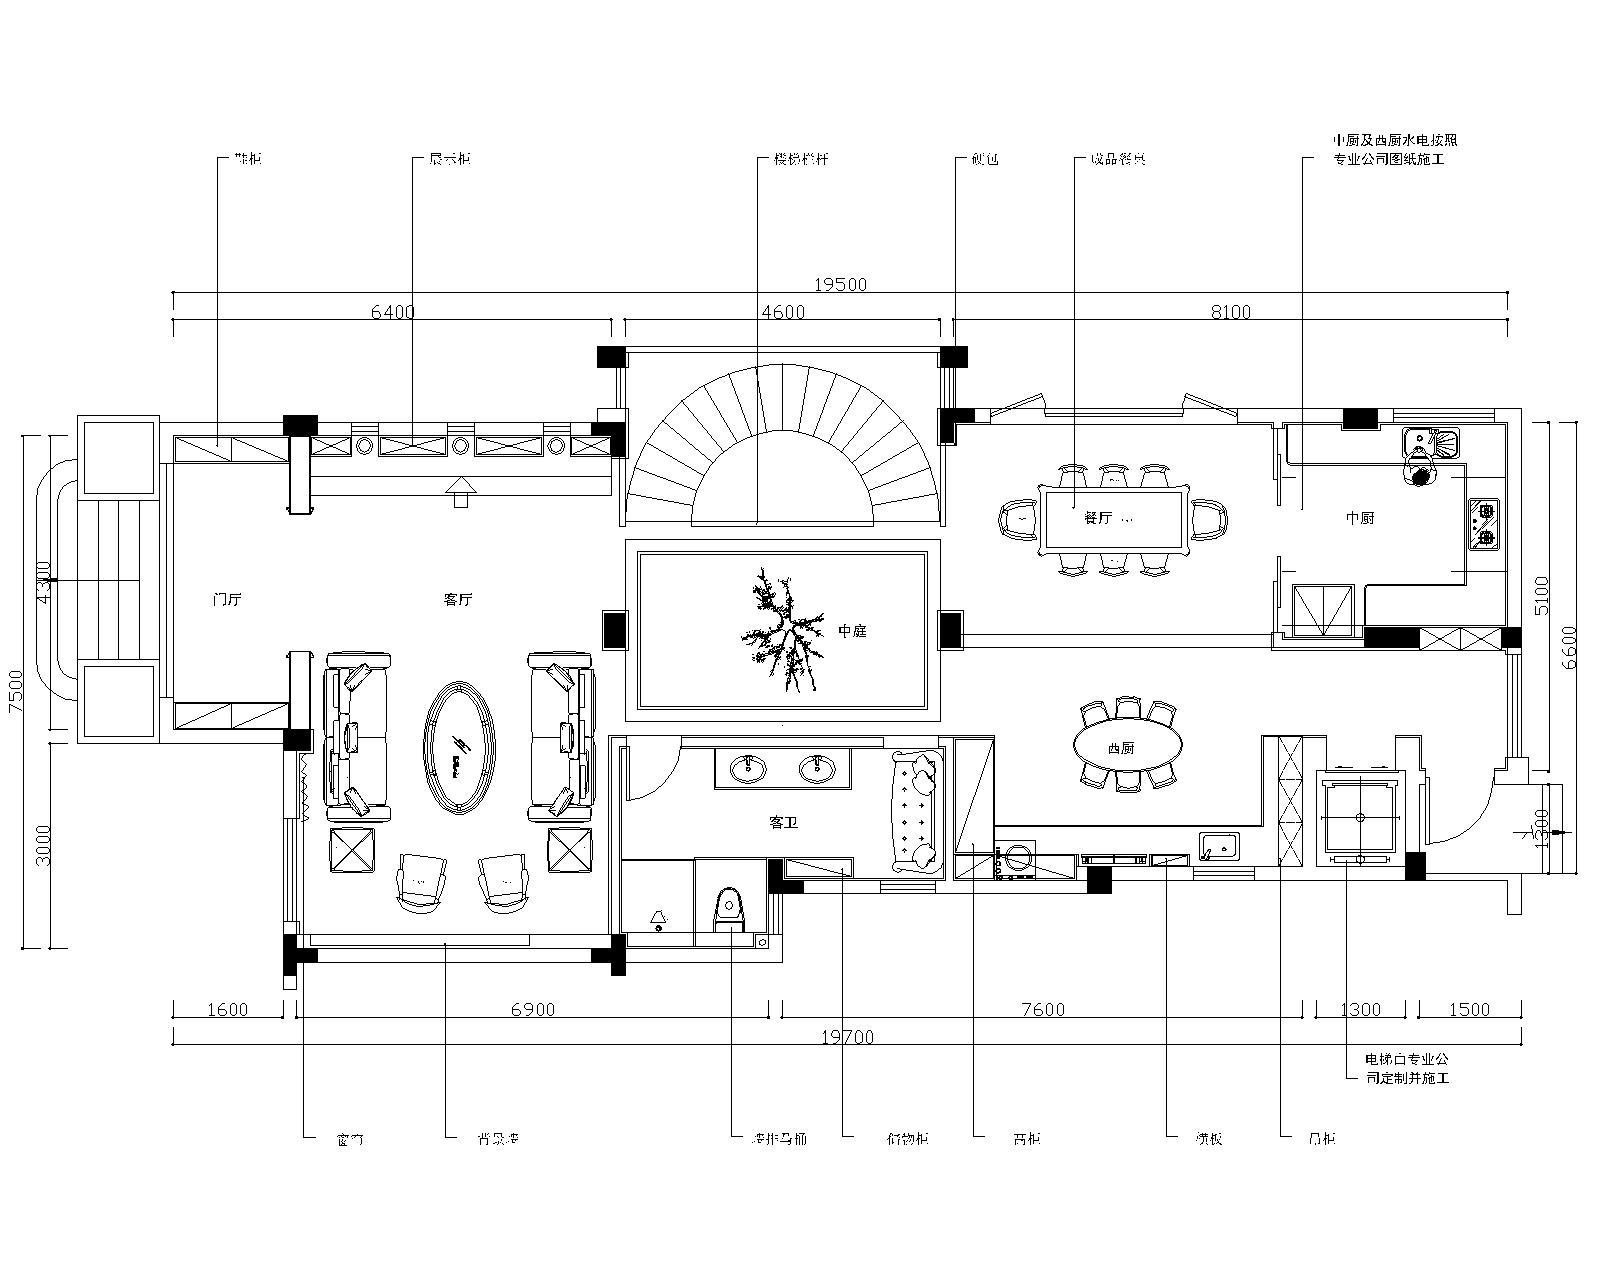 山河水别墅-中式风格-800㎡别墅装修效果图装修设计理念